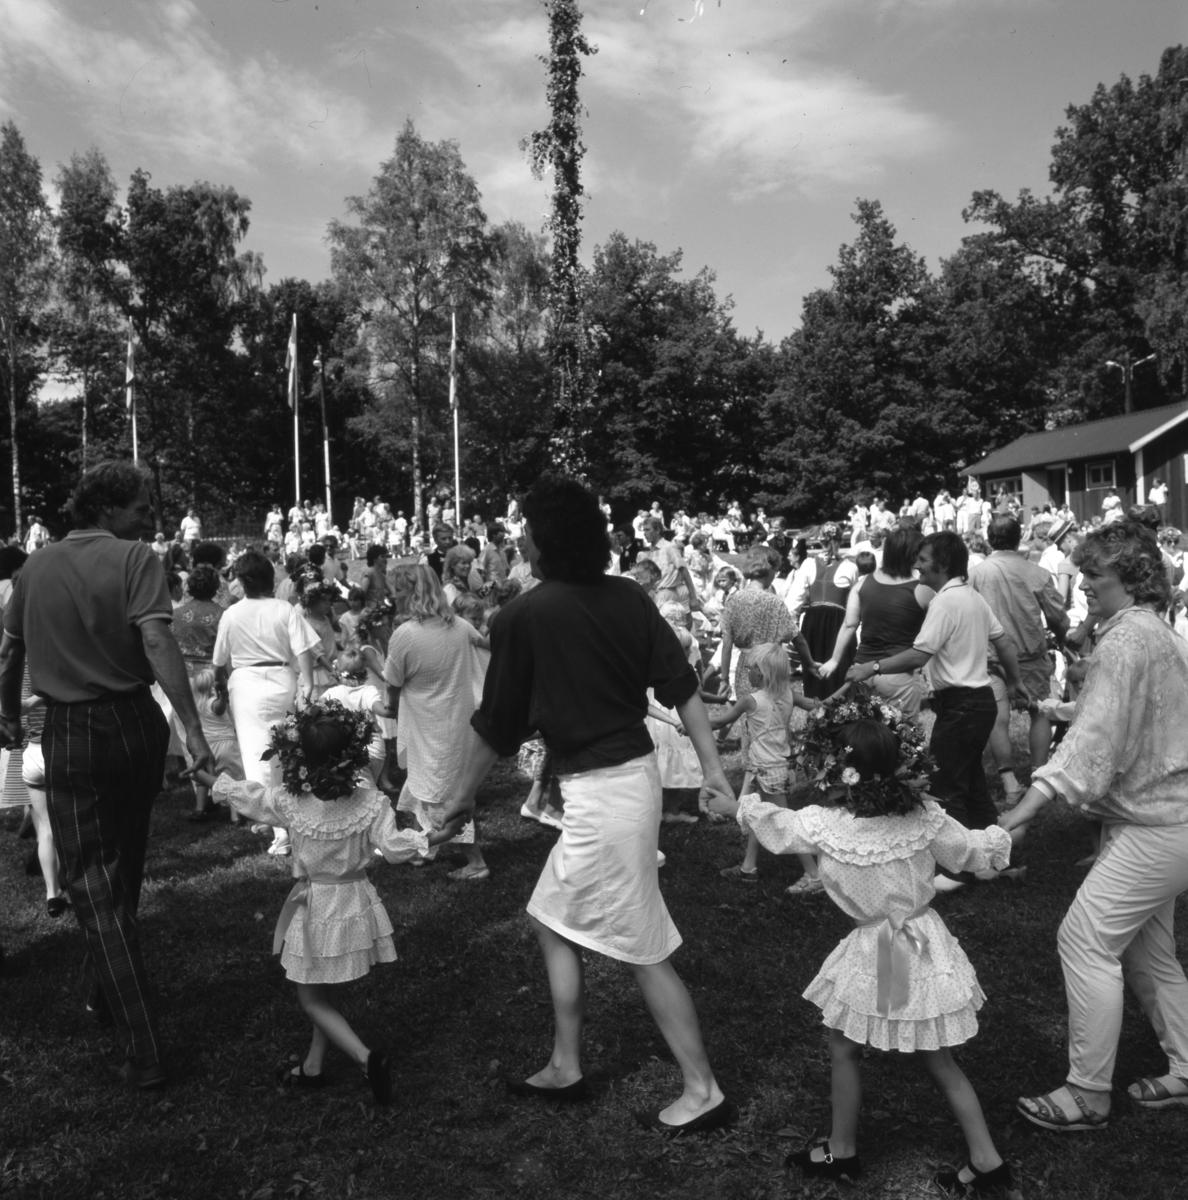 Det är midsommar och människor dansar ringdans runt midsommarstången. Några har blomsterkransar på huvudet. Midsommarstången är rest och flaggorna hissade. I huset finns en kiosk. Den som inte dansar kan sitta i gräset, eller på en medhavd campingstol, och titta på.